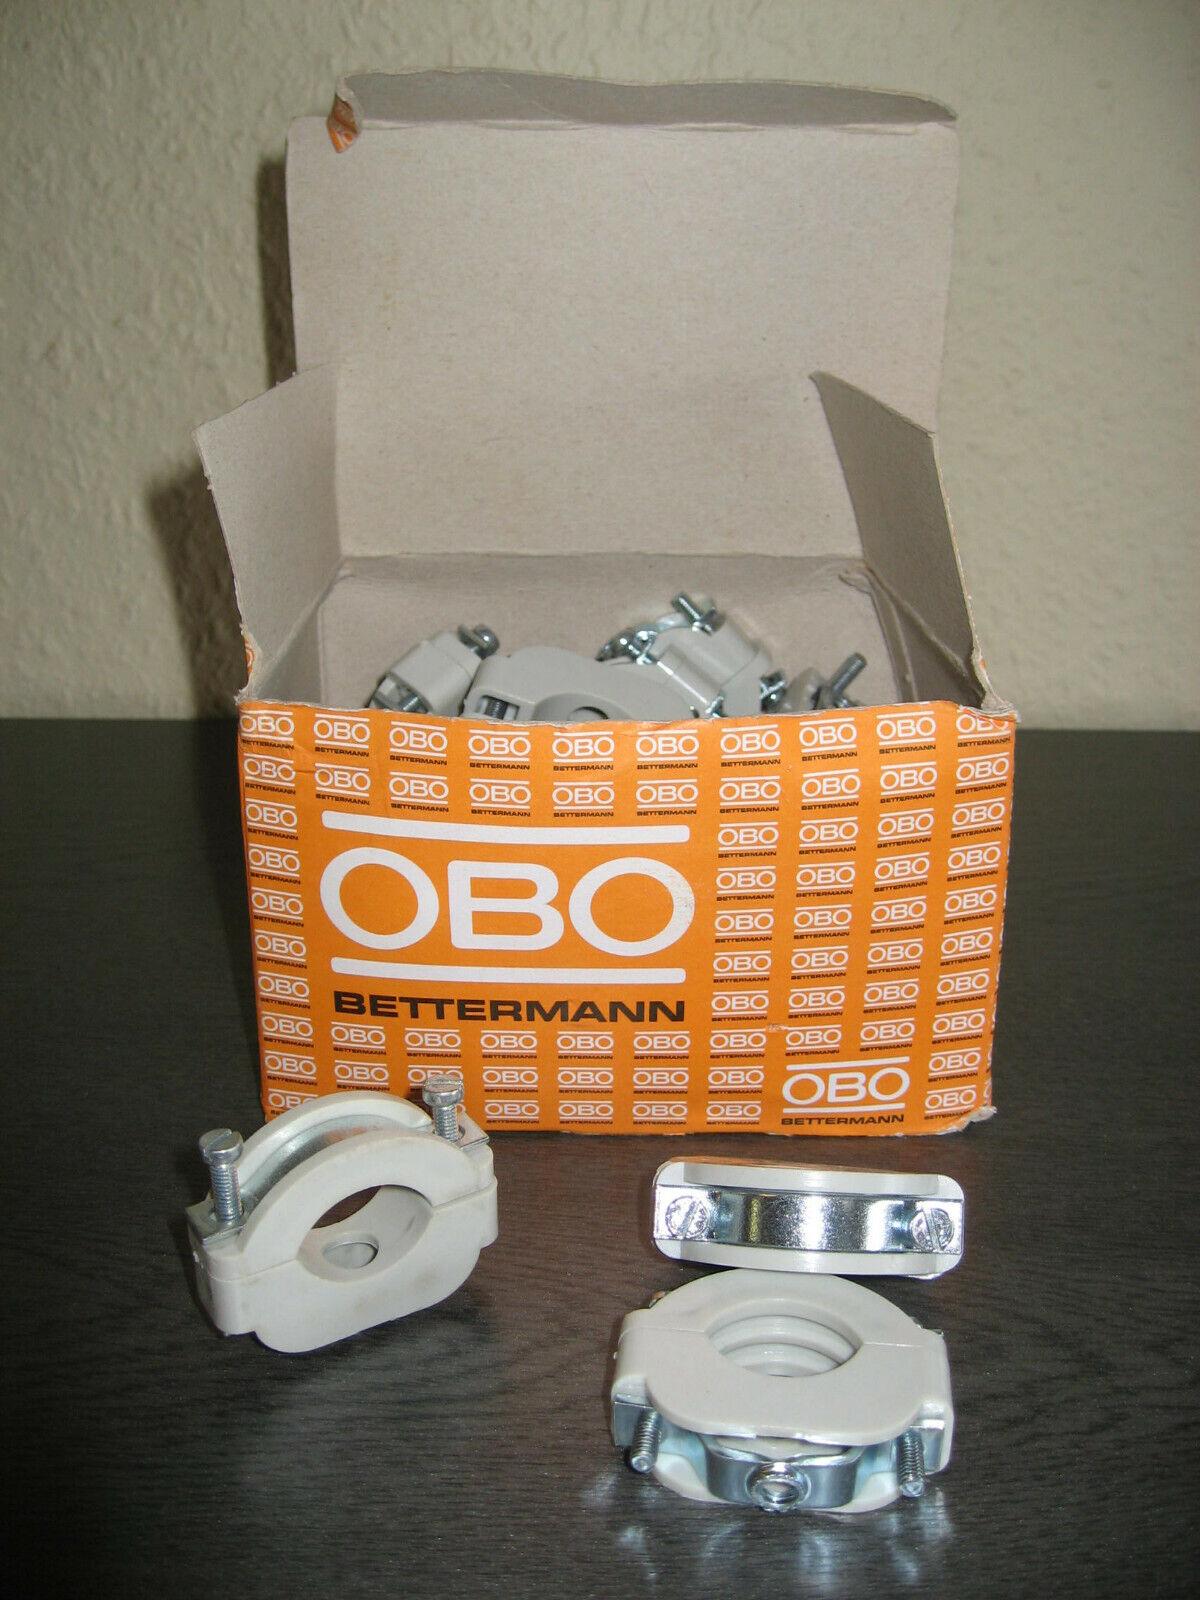 OBO Bettermann Blitz-Iso-Schellen, Typ 3021 LGR 17-24mm, Lichtgrau Ral 7035   Online-verkauf